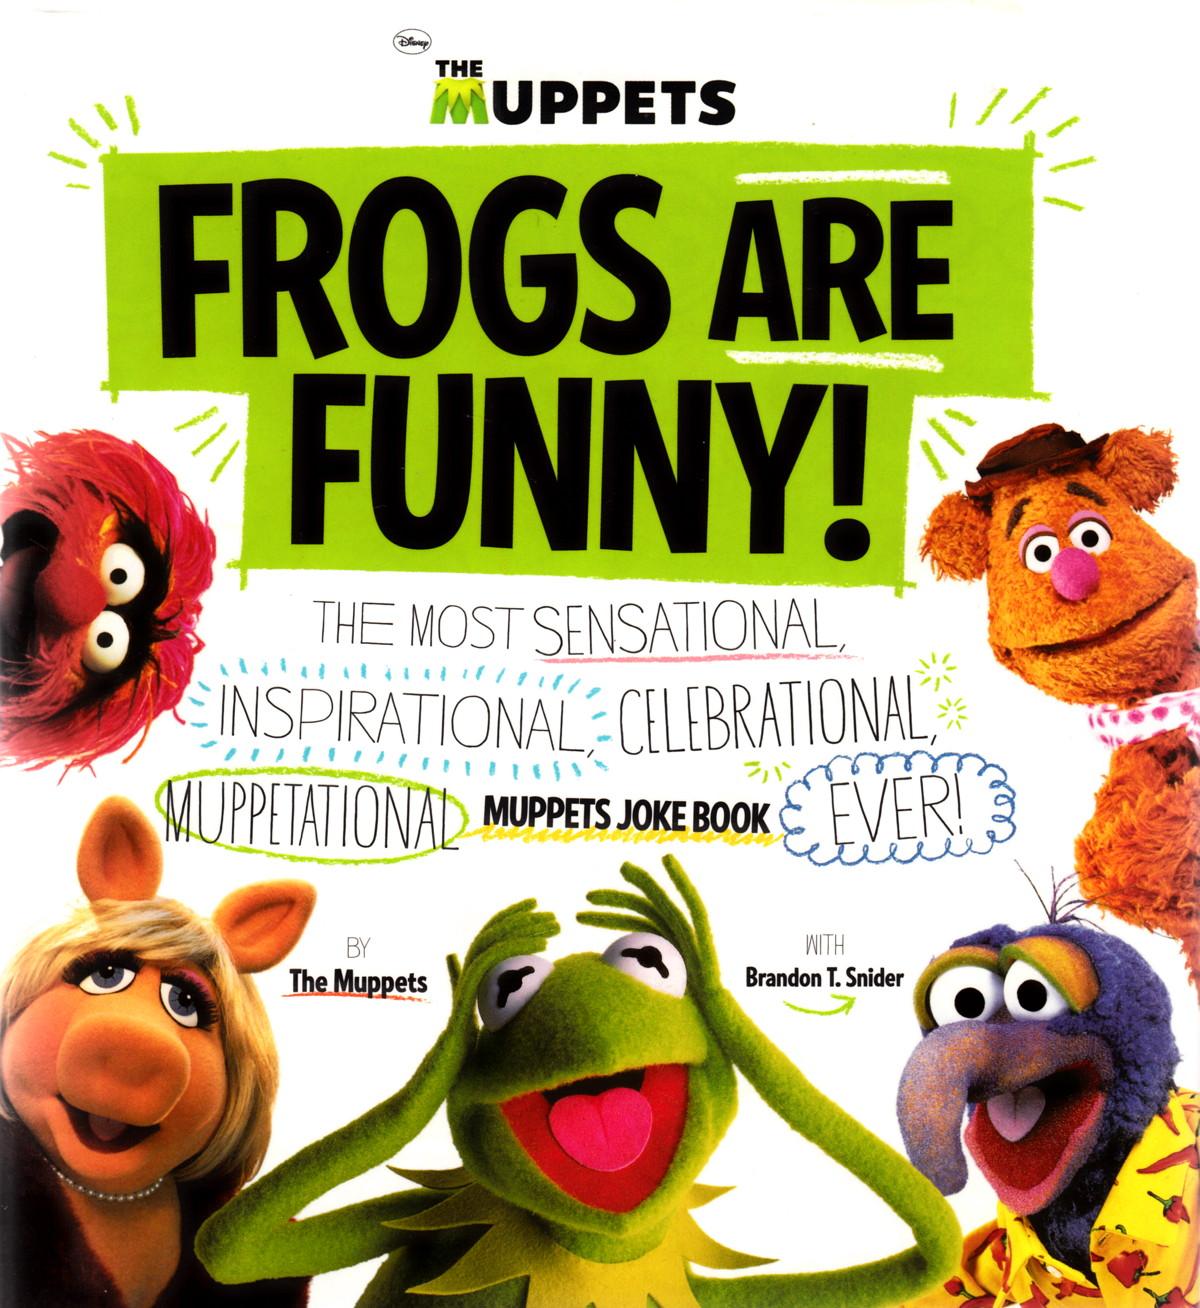 Muppet Quotes Life Quotesgram: Best Muppet Quotes. QuotesGram